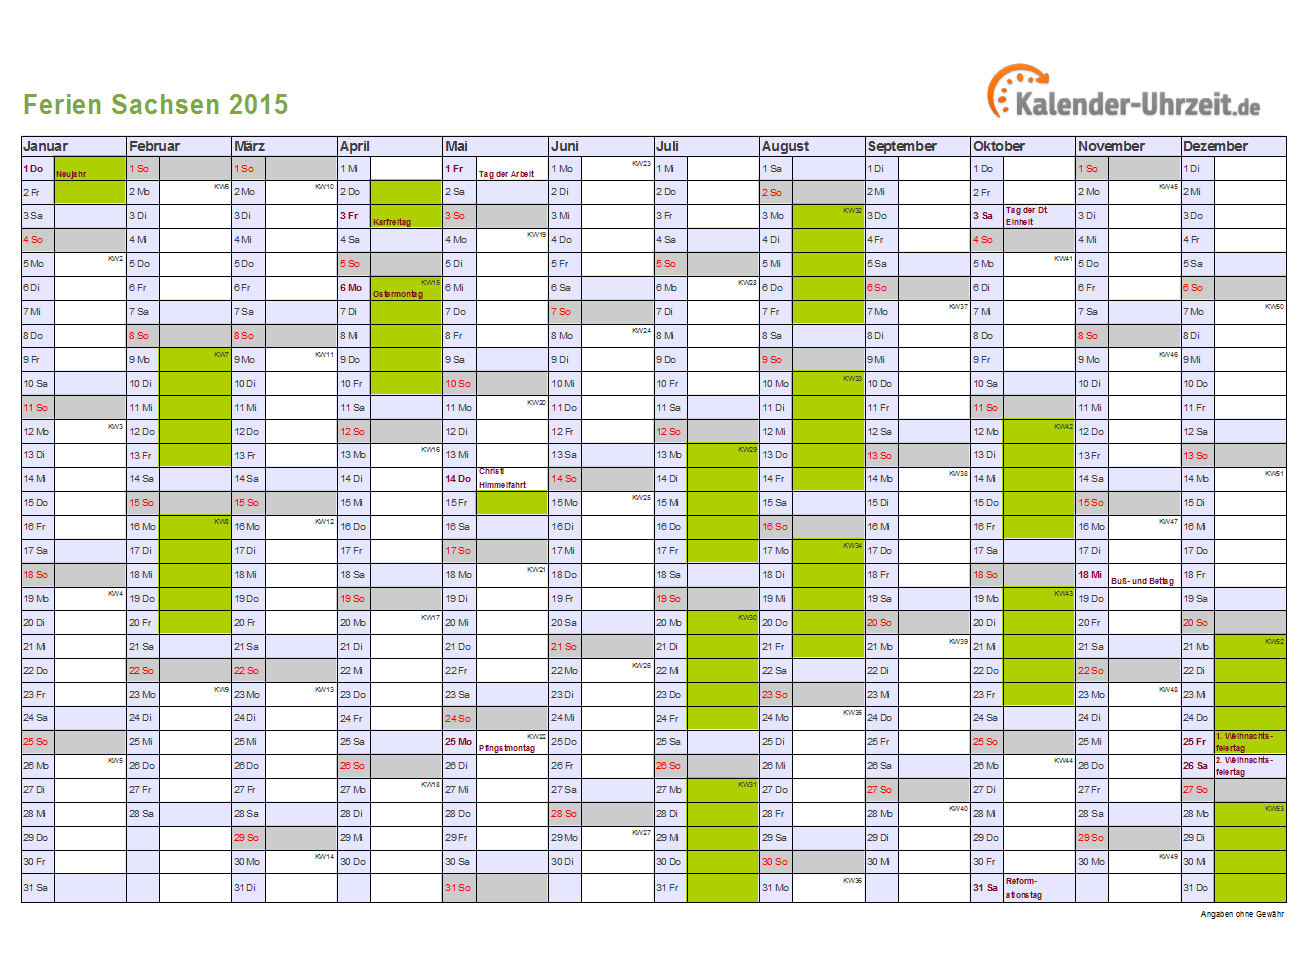 Ferien Sachsen 2015 Ferienkalender Zum Ausdrucken